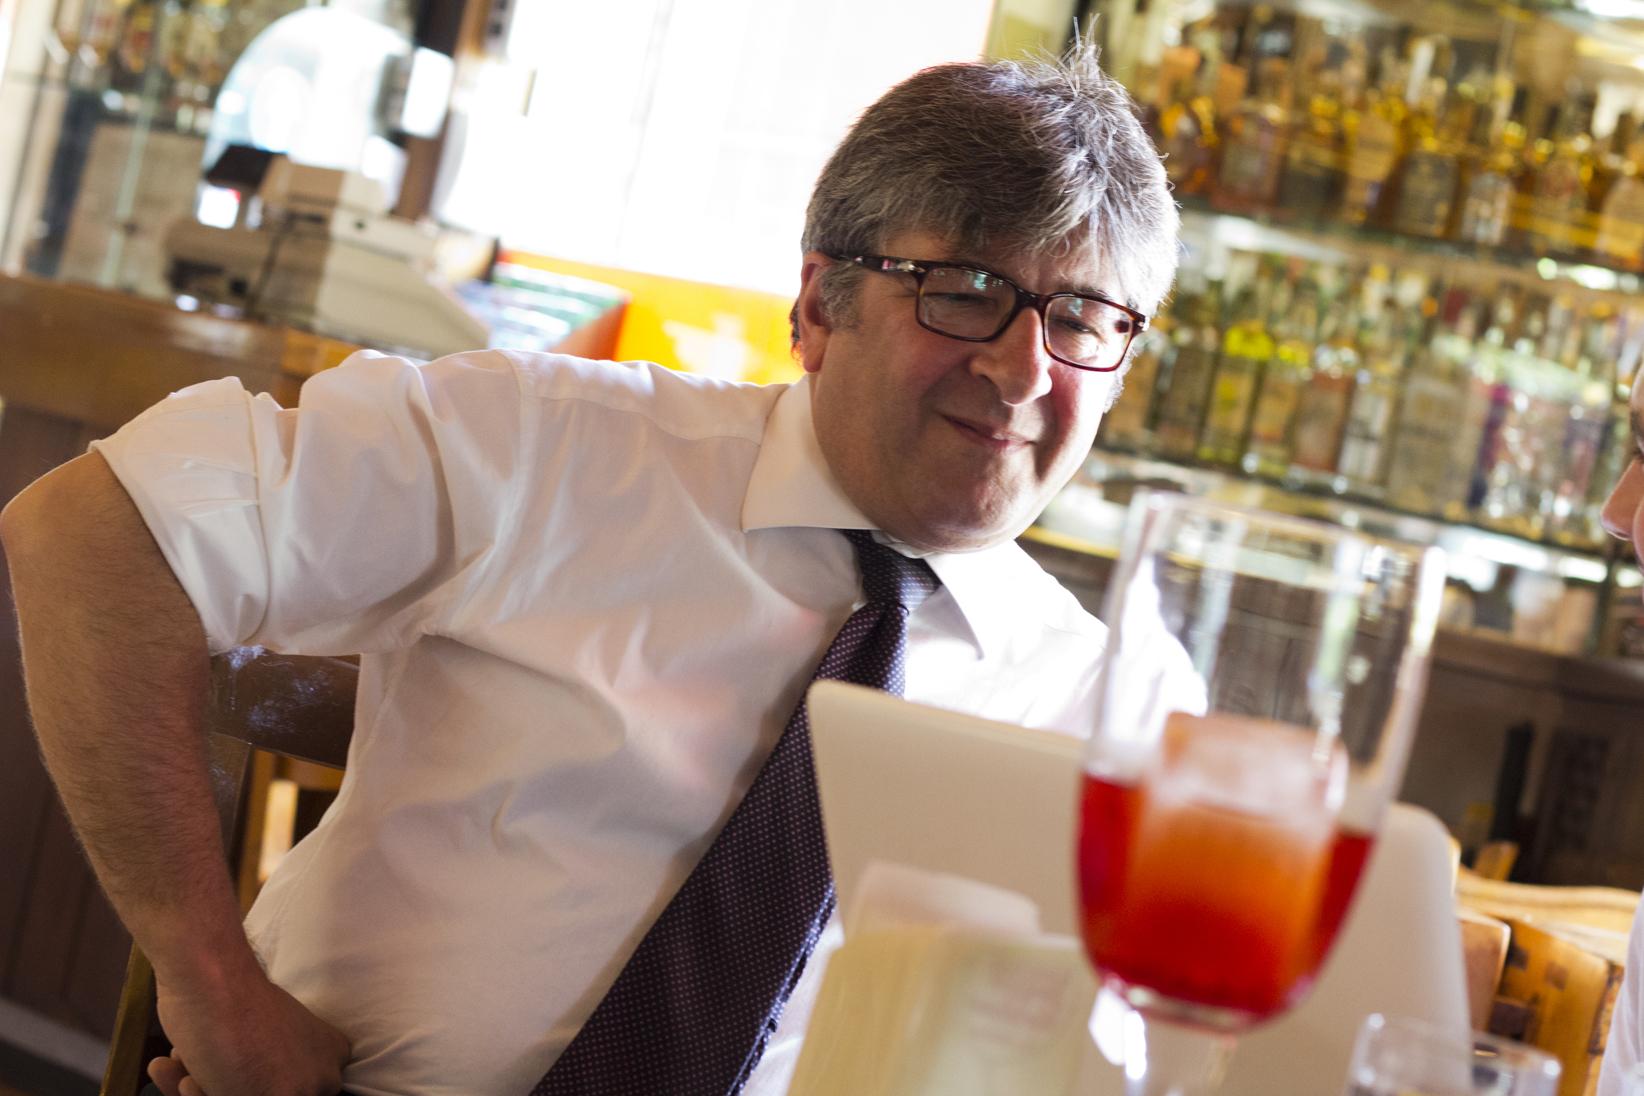 Bar_Basso_maurizio_stocchetto_cocktail_negroni_sbagliato_milano_via_plinio